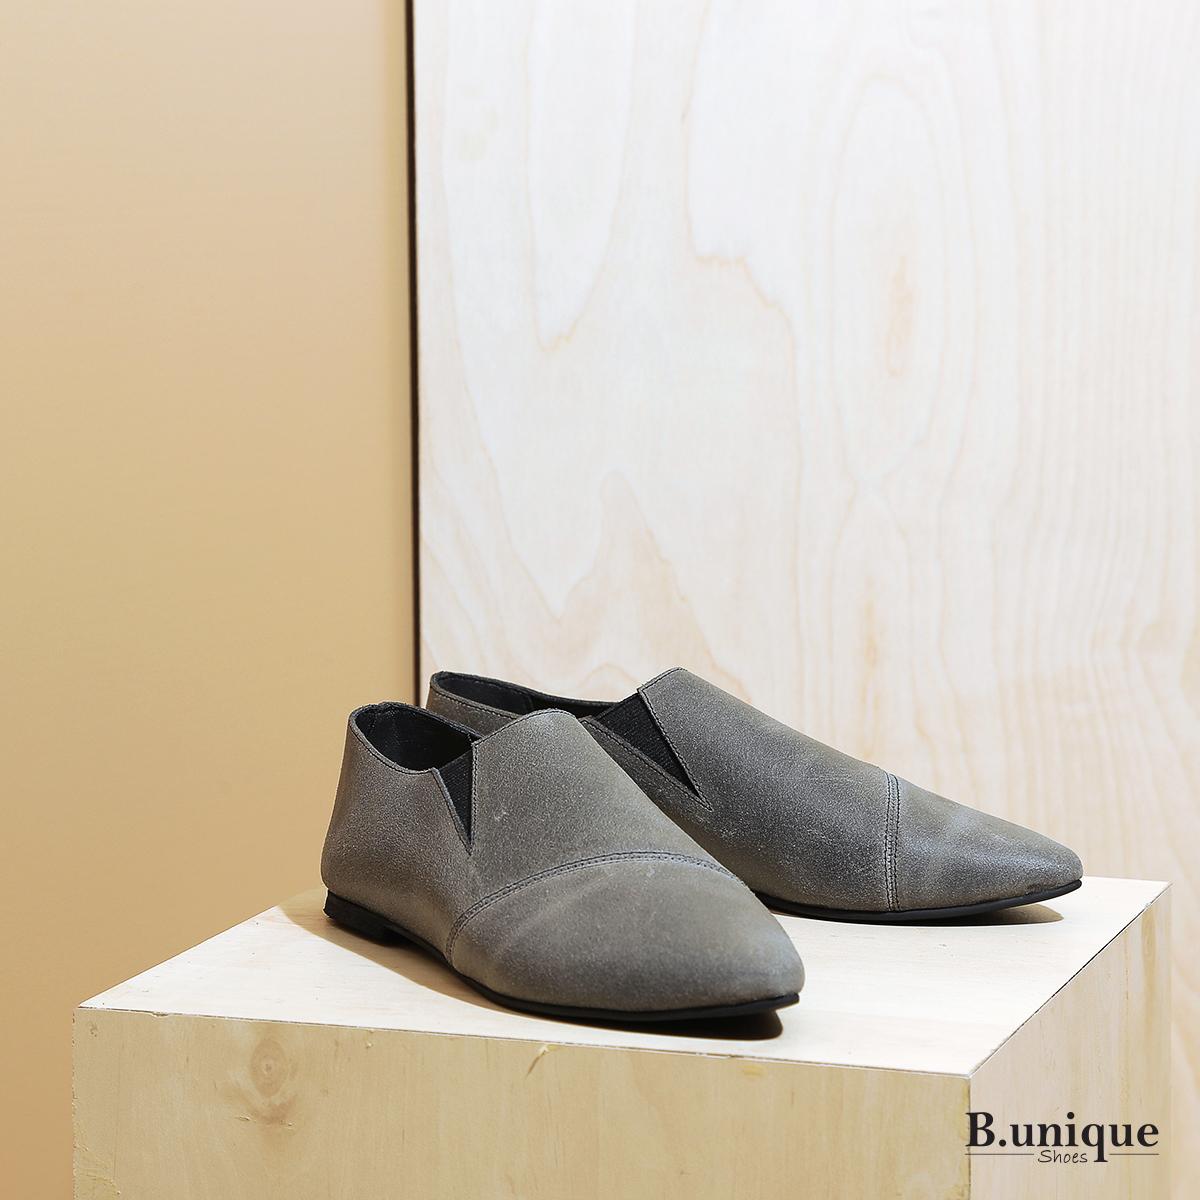 דגם פיראוס:  נעליים שטוחות לנשים בצבע אפור